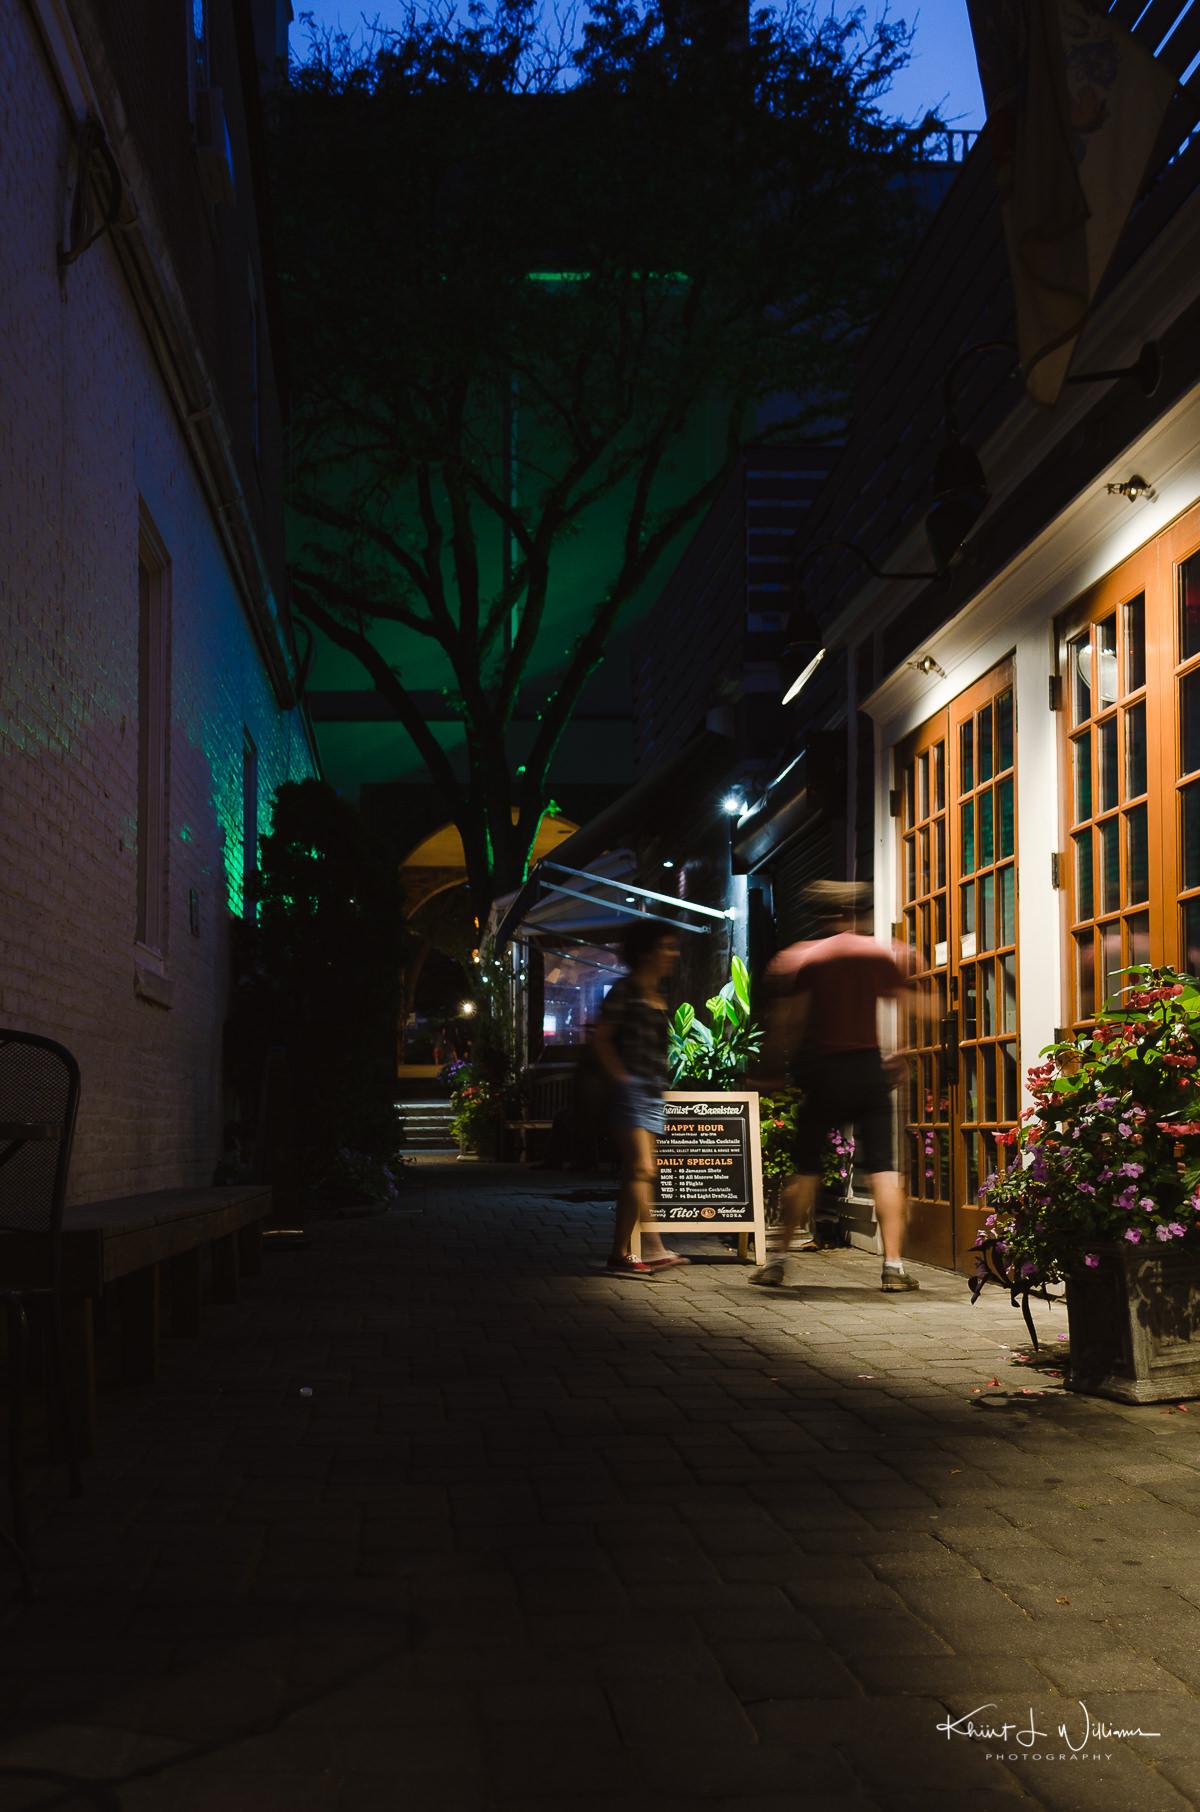 Palmer Square Alley